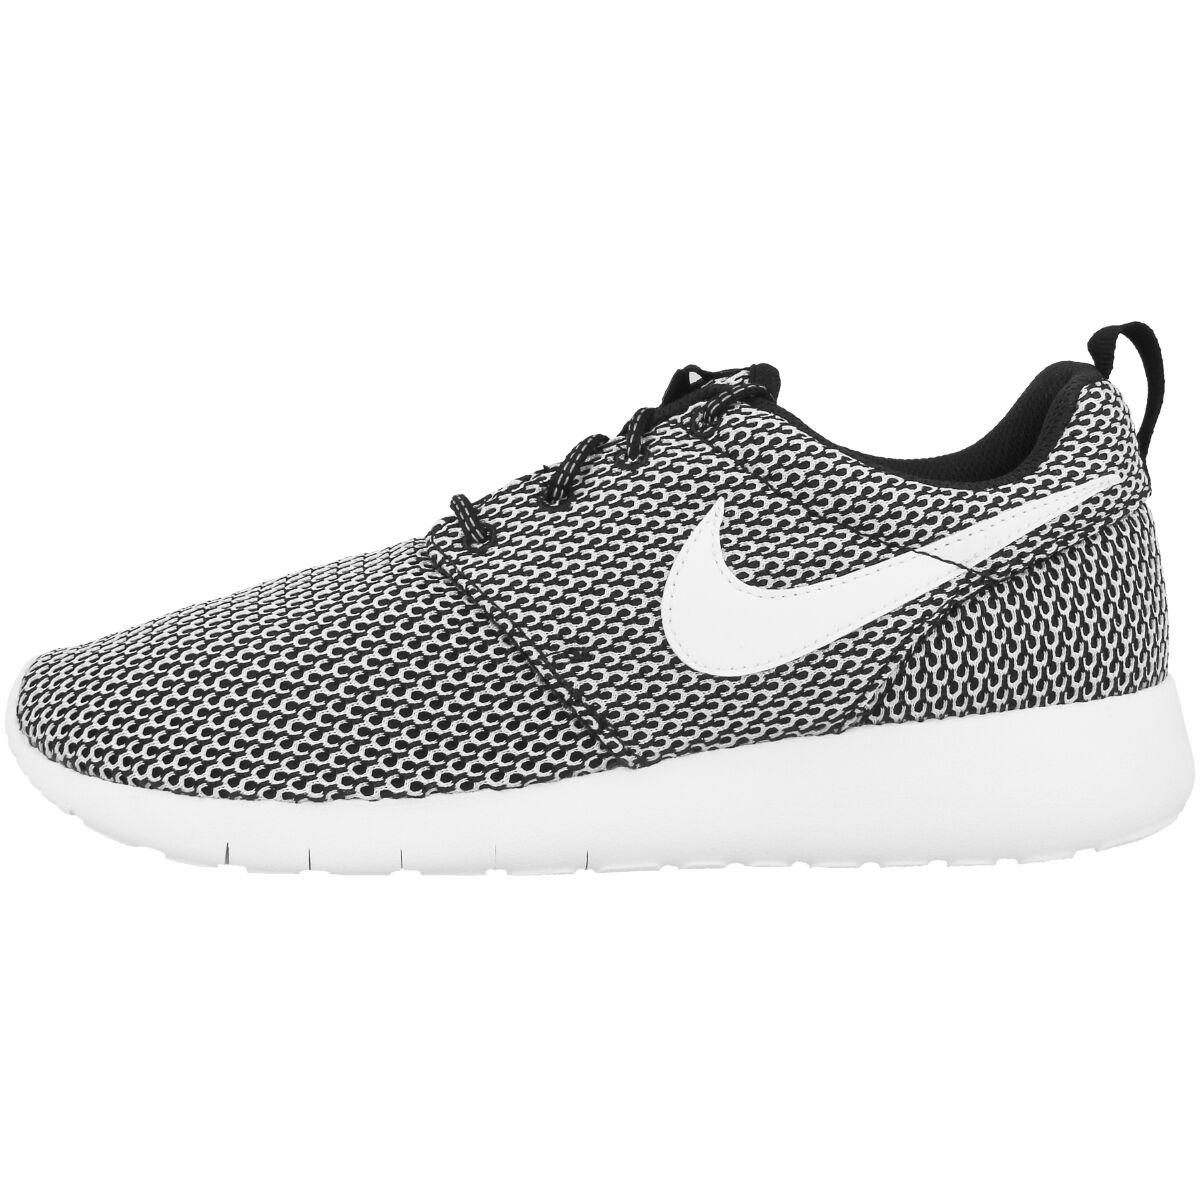 NIKE Roshe One Gs Scarpe scarpe da ginnastica Scarpe da da da running rosheone nero Sportiva 599728-040 a7b416